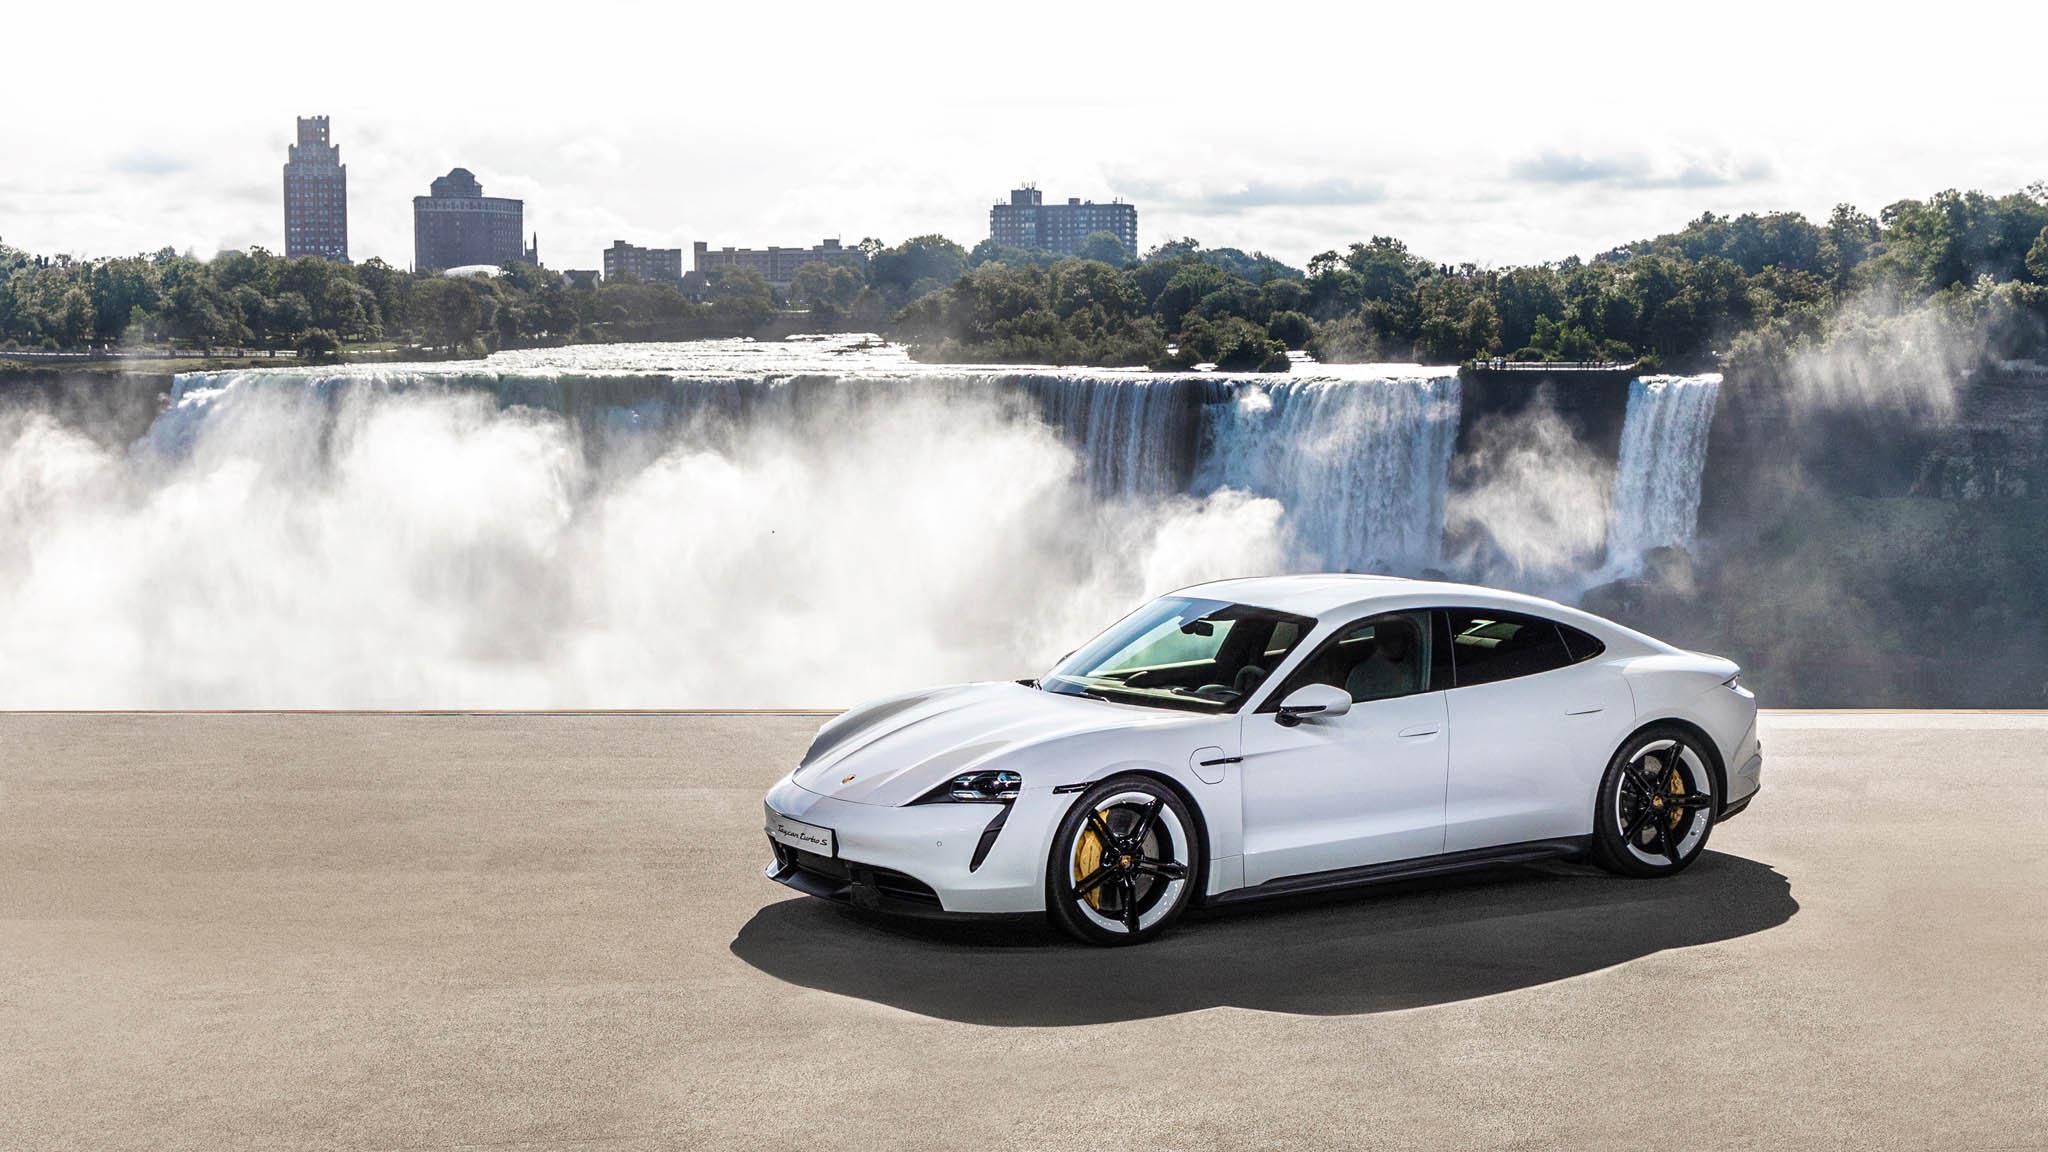 Vůz zvládne stovku pod tři vteřiny, je čtyřmístný abaterie se z80 procent nabije za22 minut.